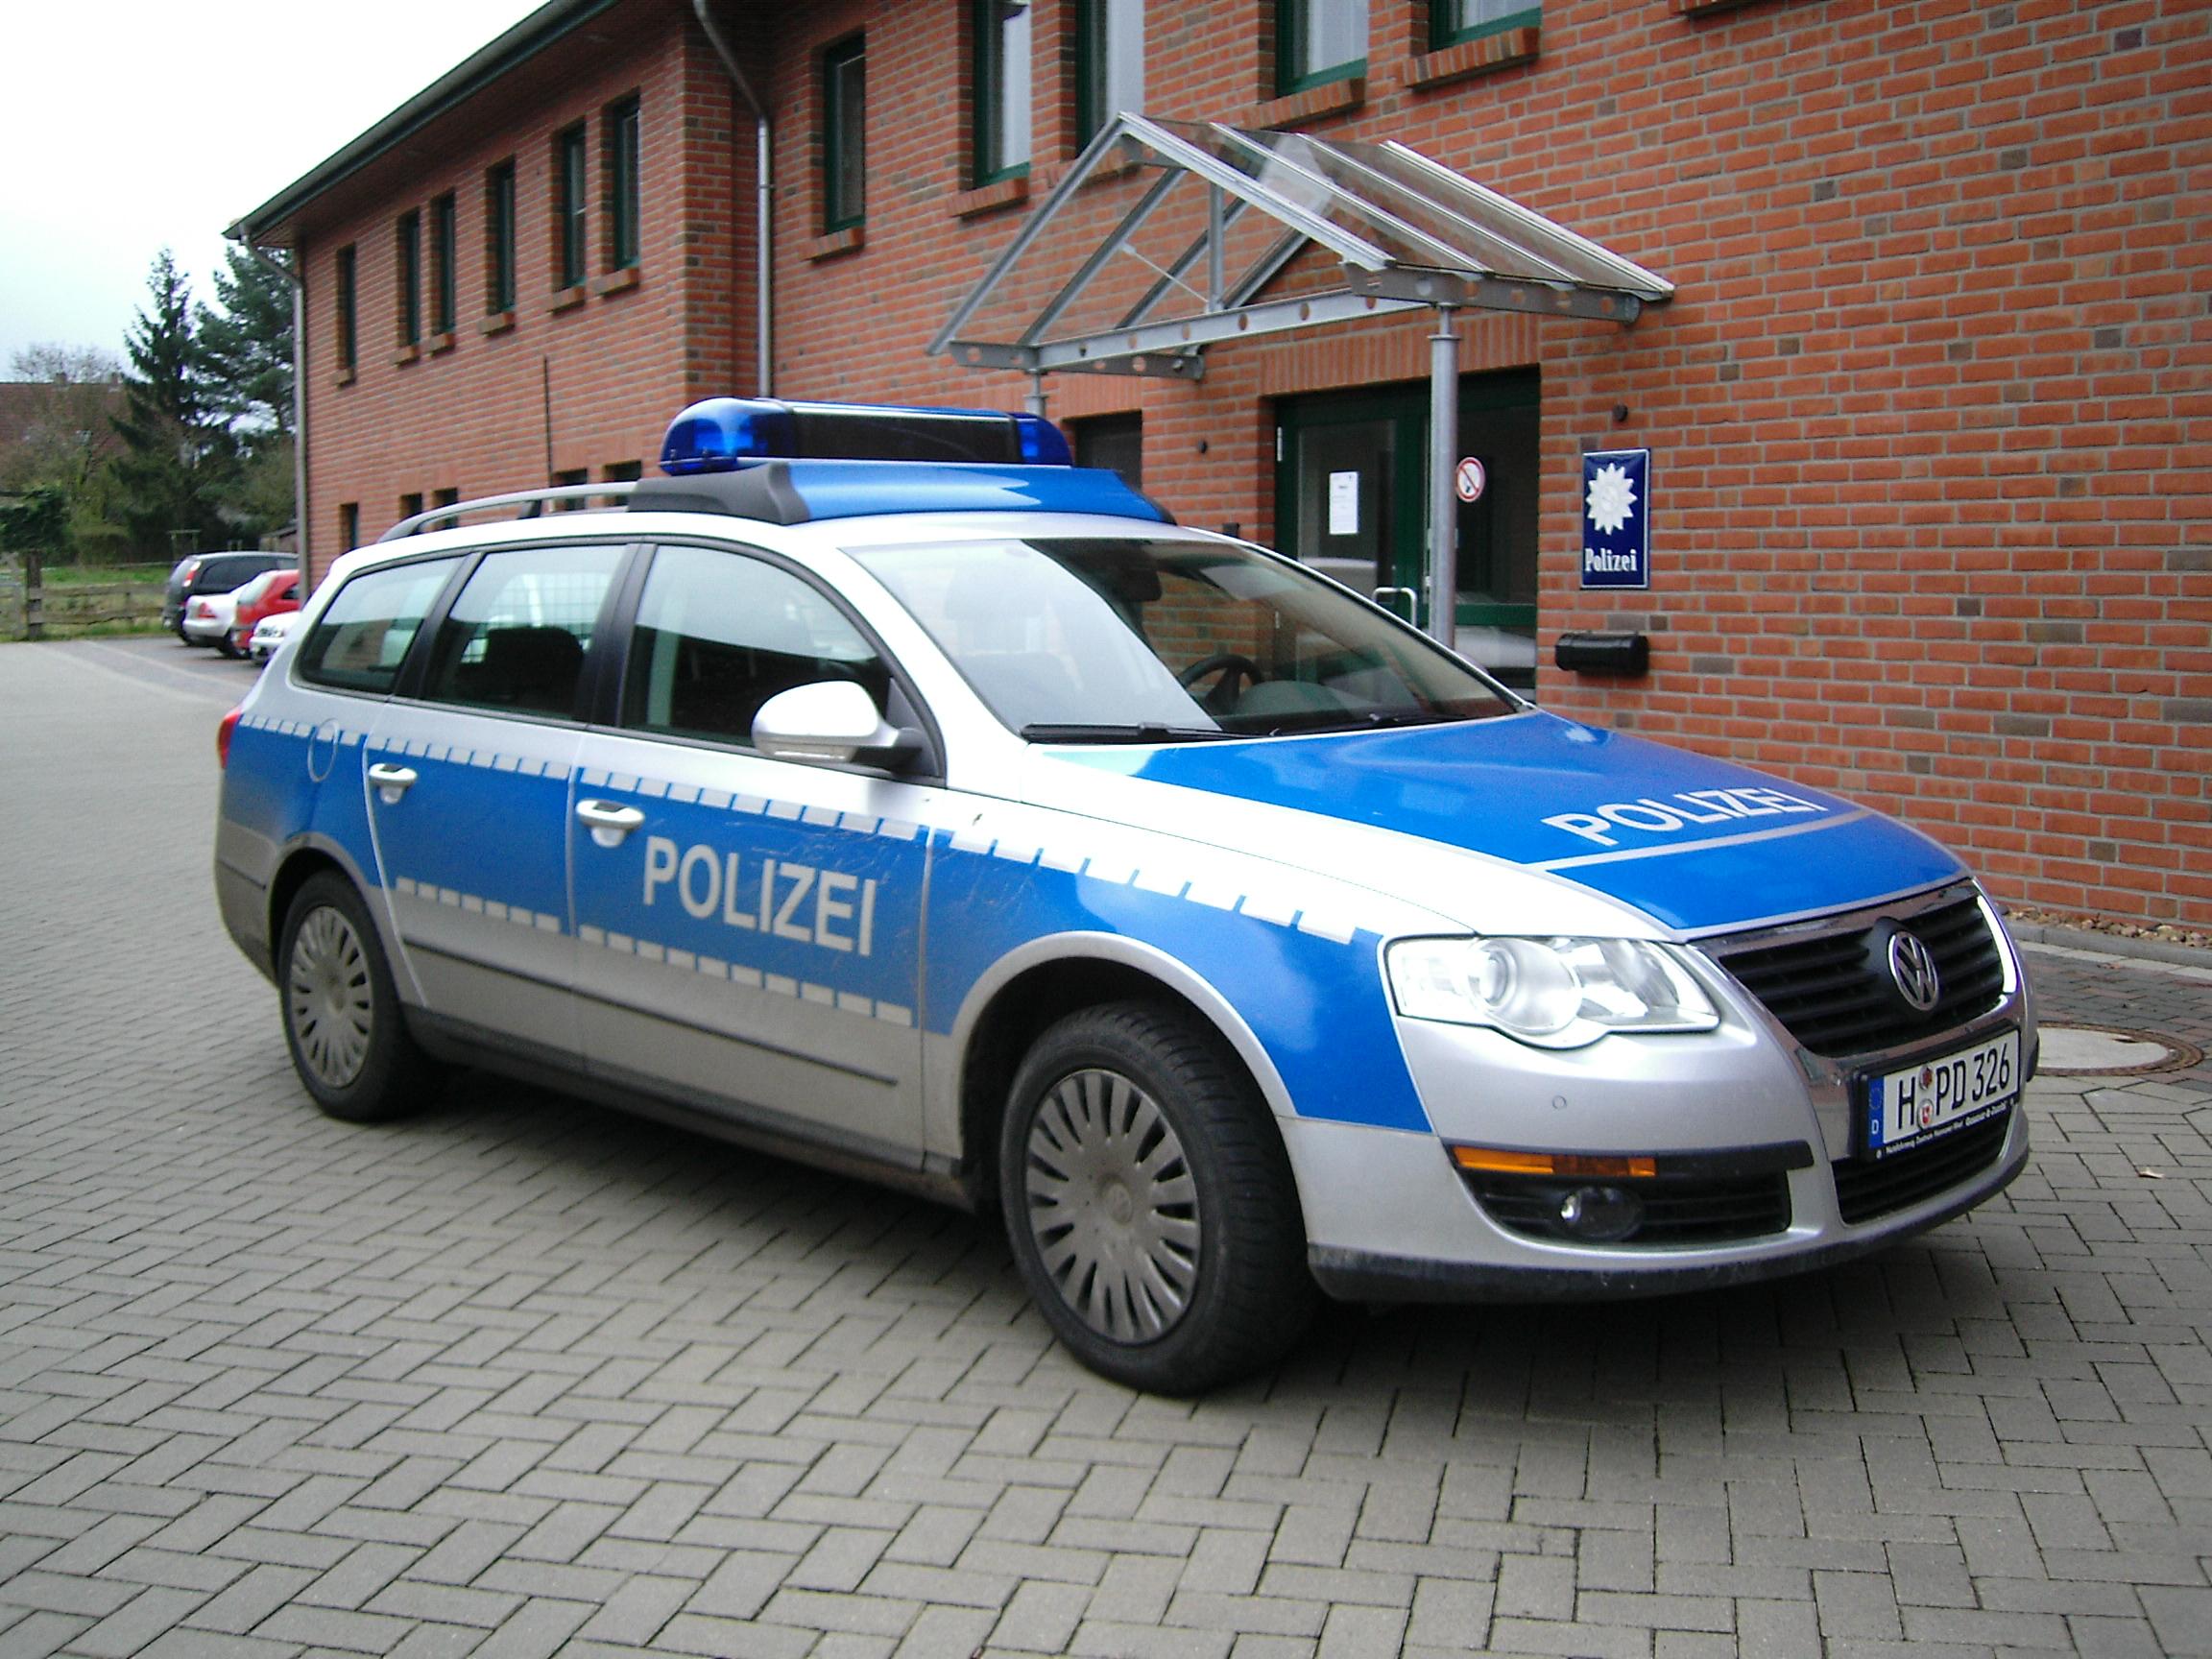 VW_Passat_Polizei_Niedersachsen.jpg